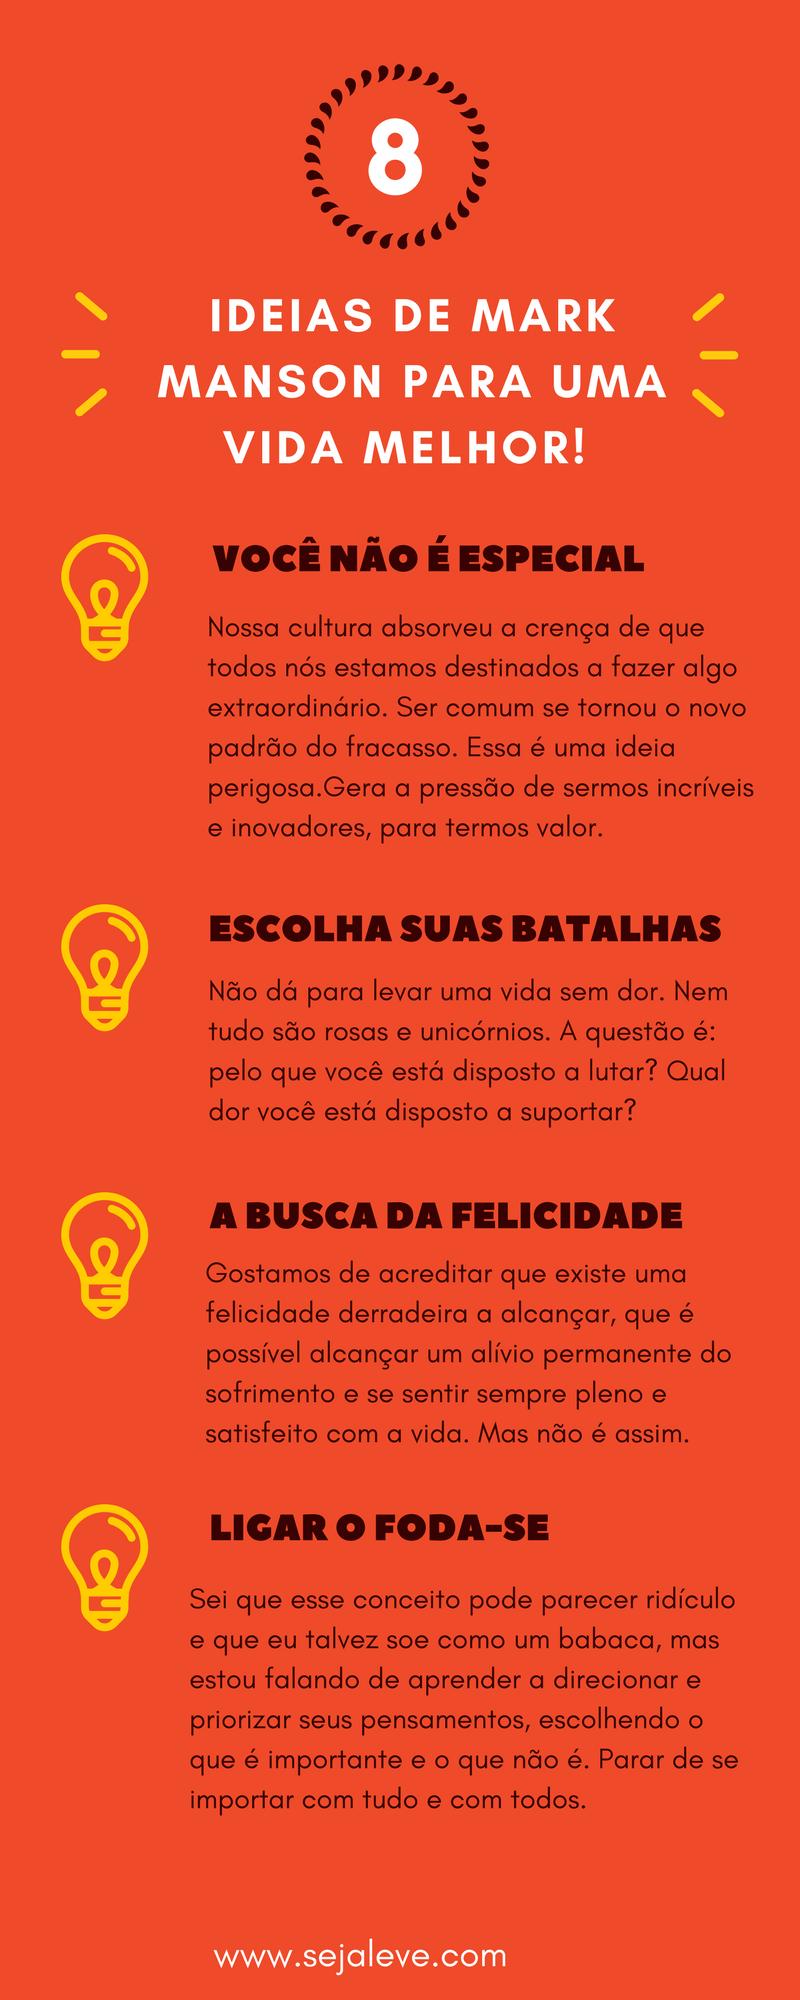 8 Mensagens Do Livro A Sutil Arte De Ligar O Fda Se Infográfico